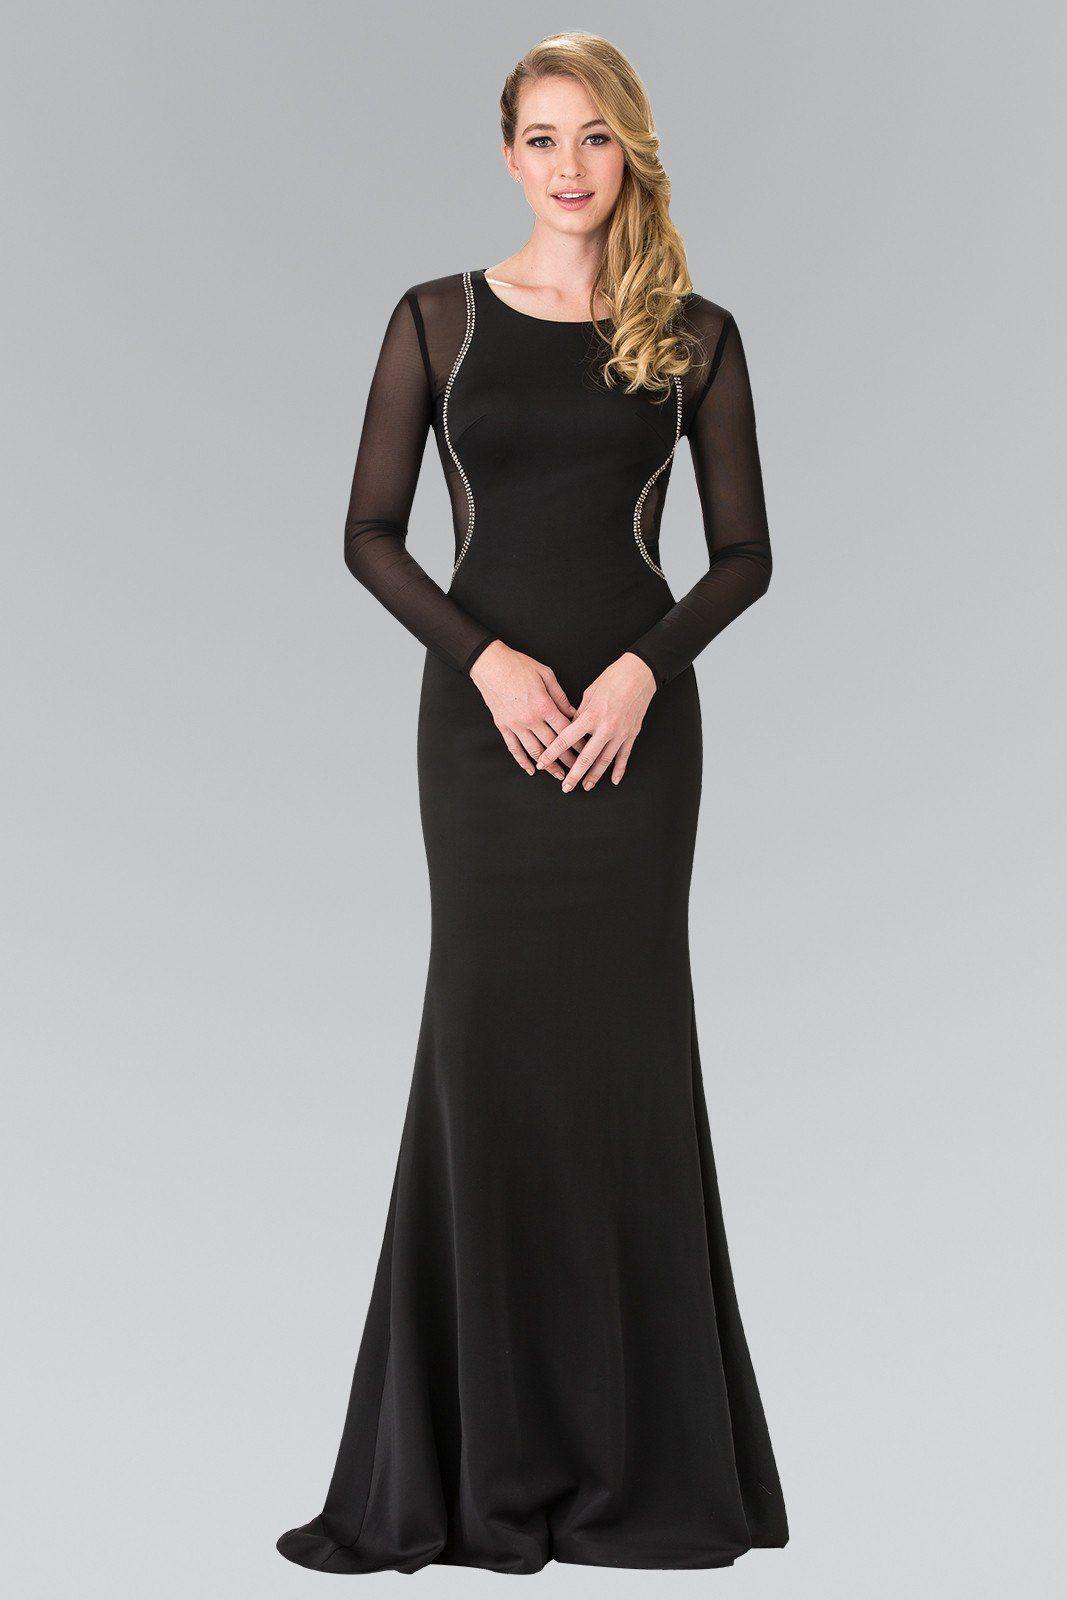 Black Tie Dresses Plus Size – DACC